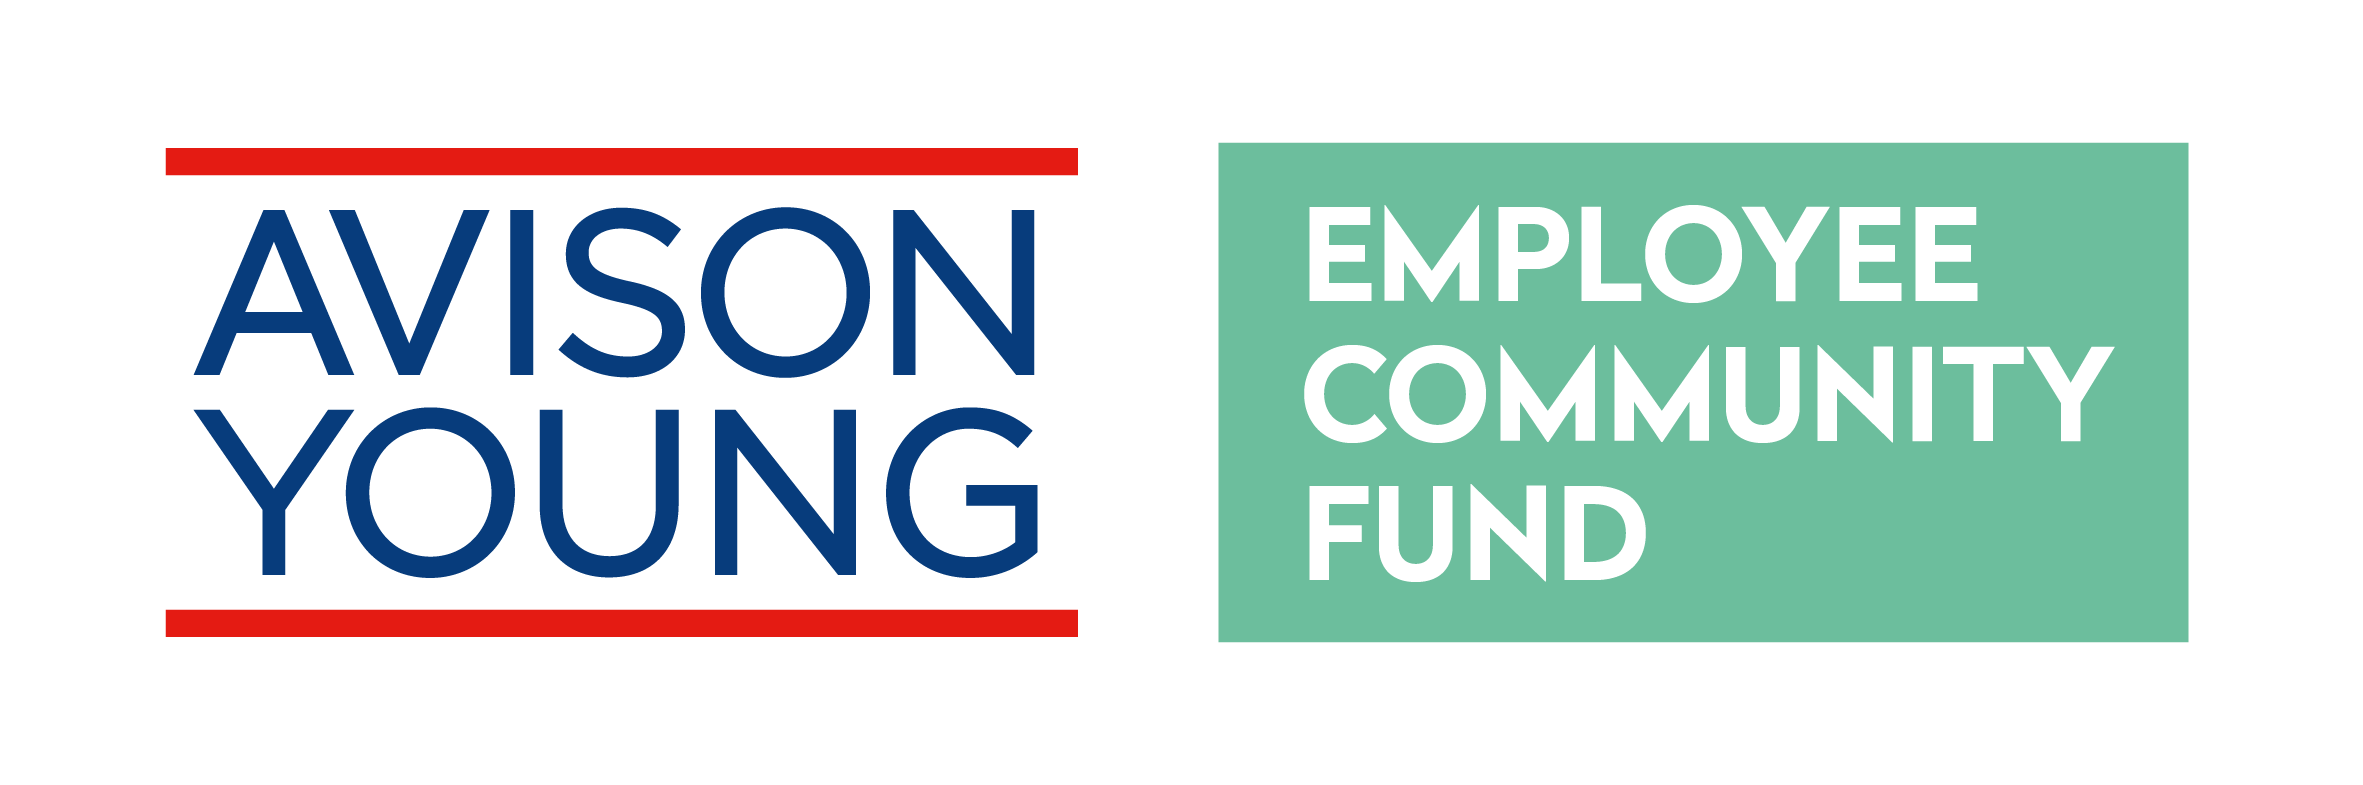 Avison Young Employee Community Fund logo